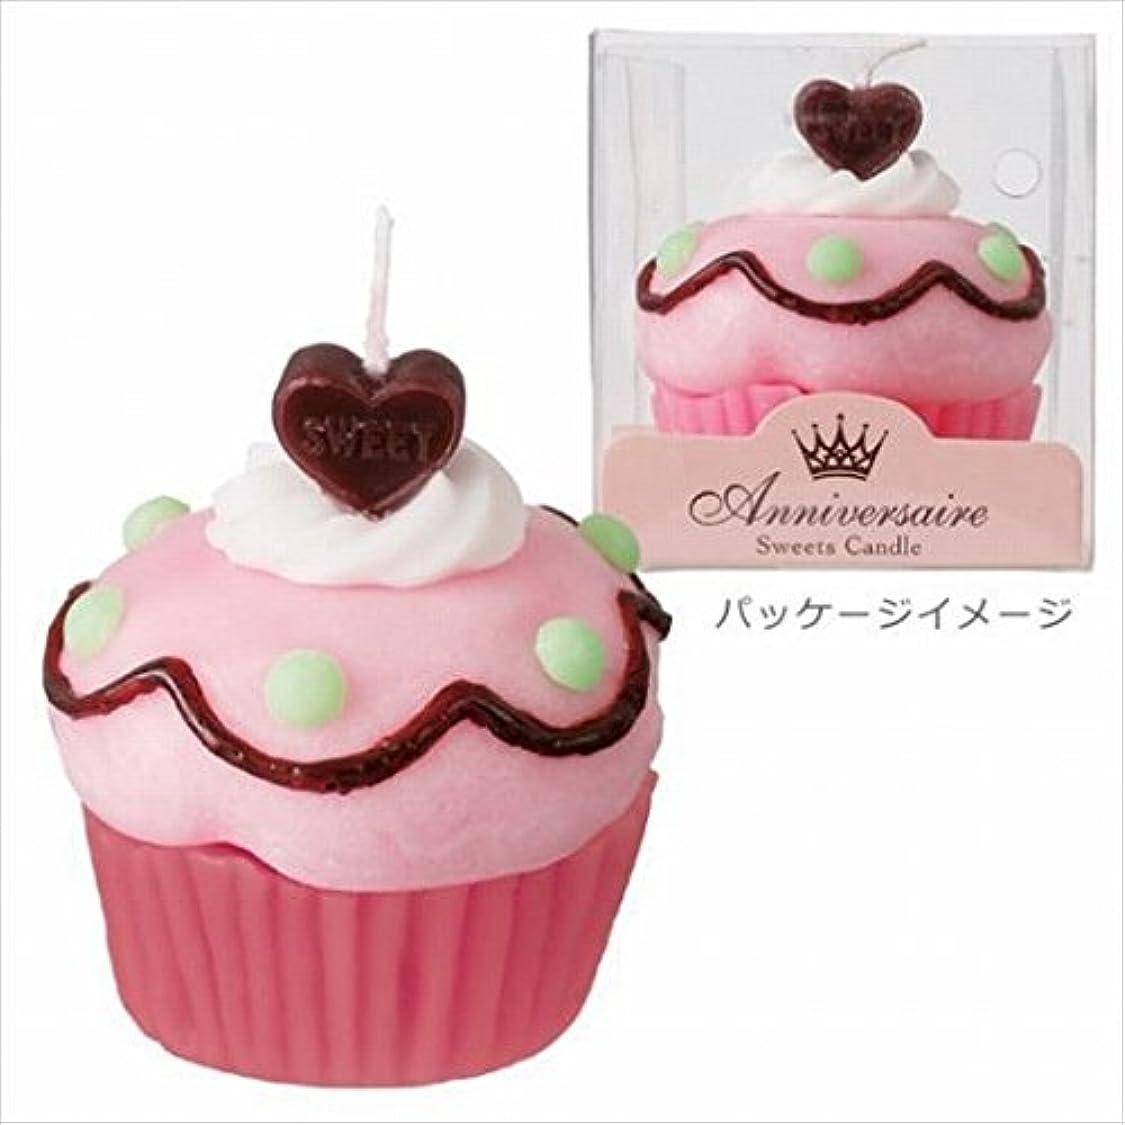 フルーティーロードブロッキングバレーボールカメヤマキャンドル( kameyama candle ) カップケーキキャンドル 「 チェリードット 」